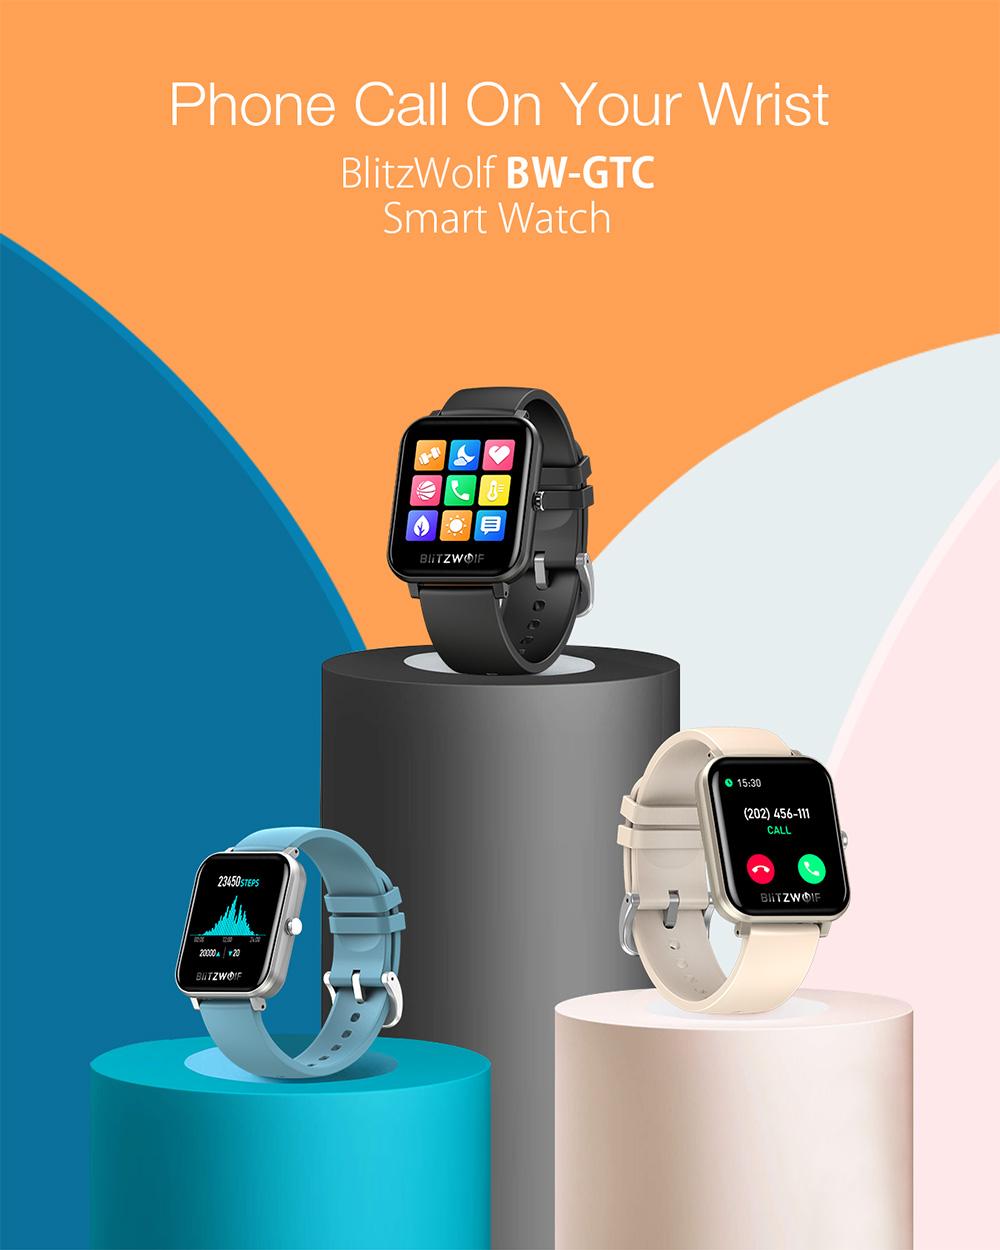 BlitzWolf BW-GTC smart watch